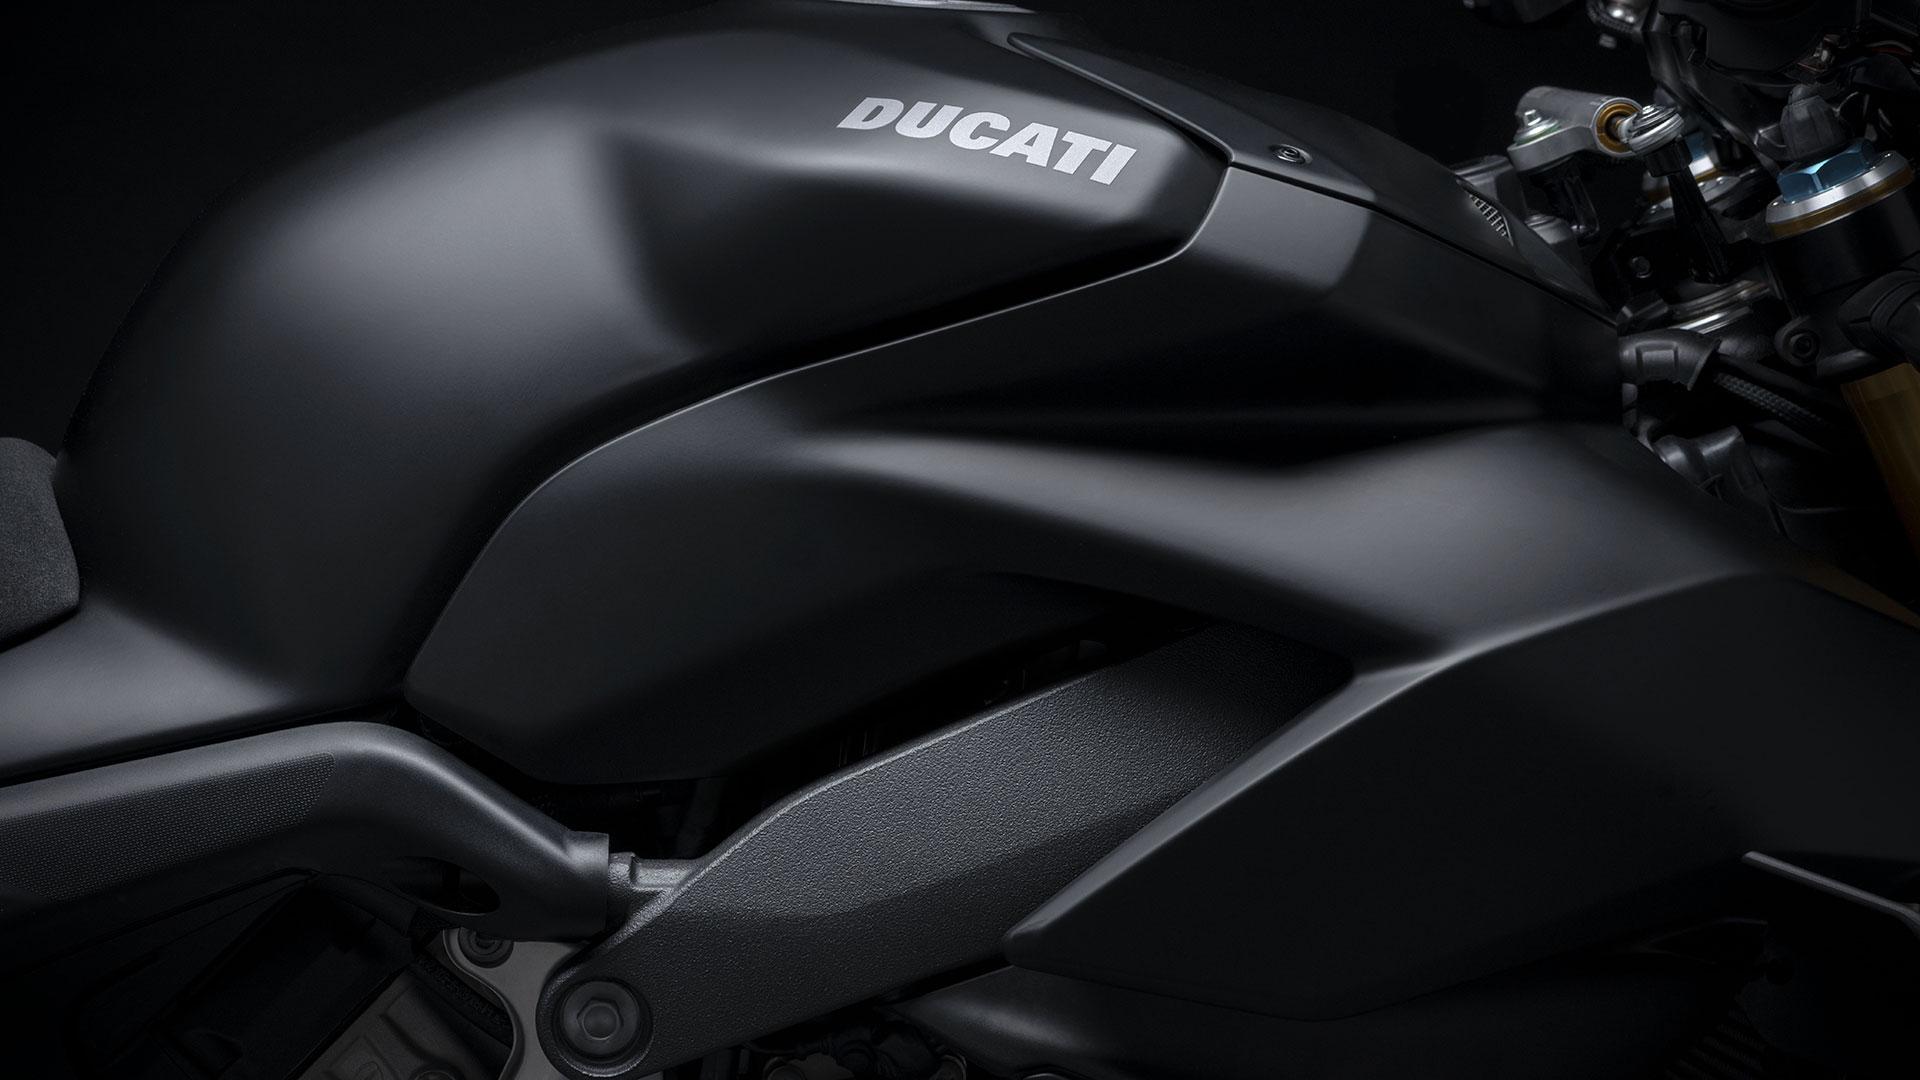 ducati-streetfighter-v4-s-dark-stealth